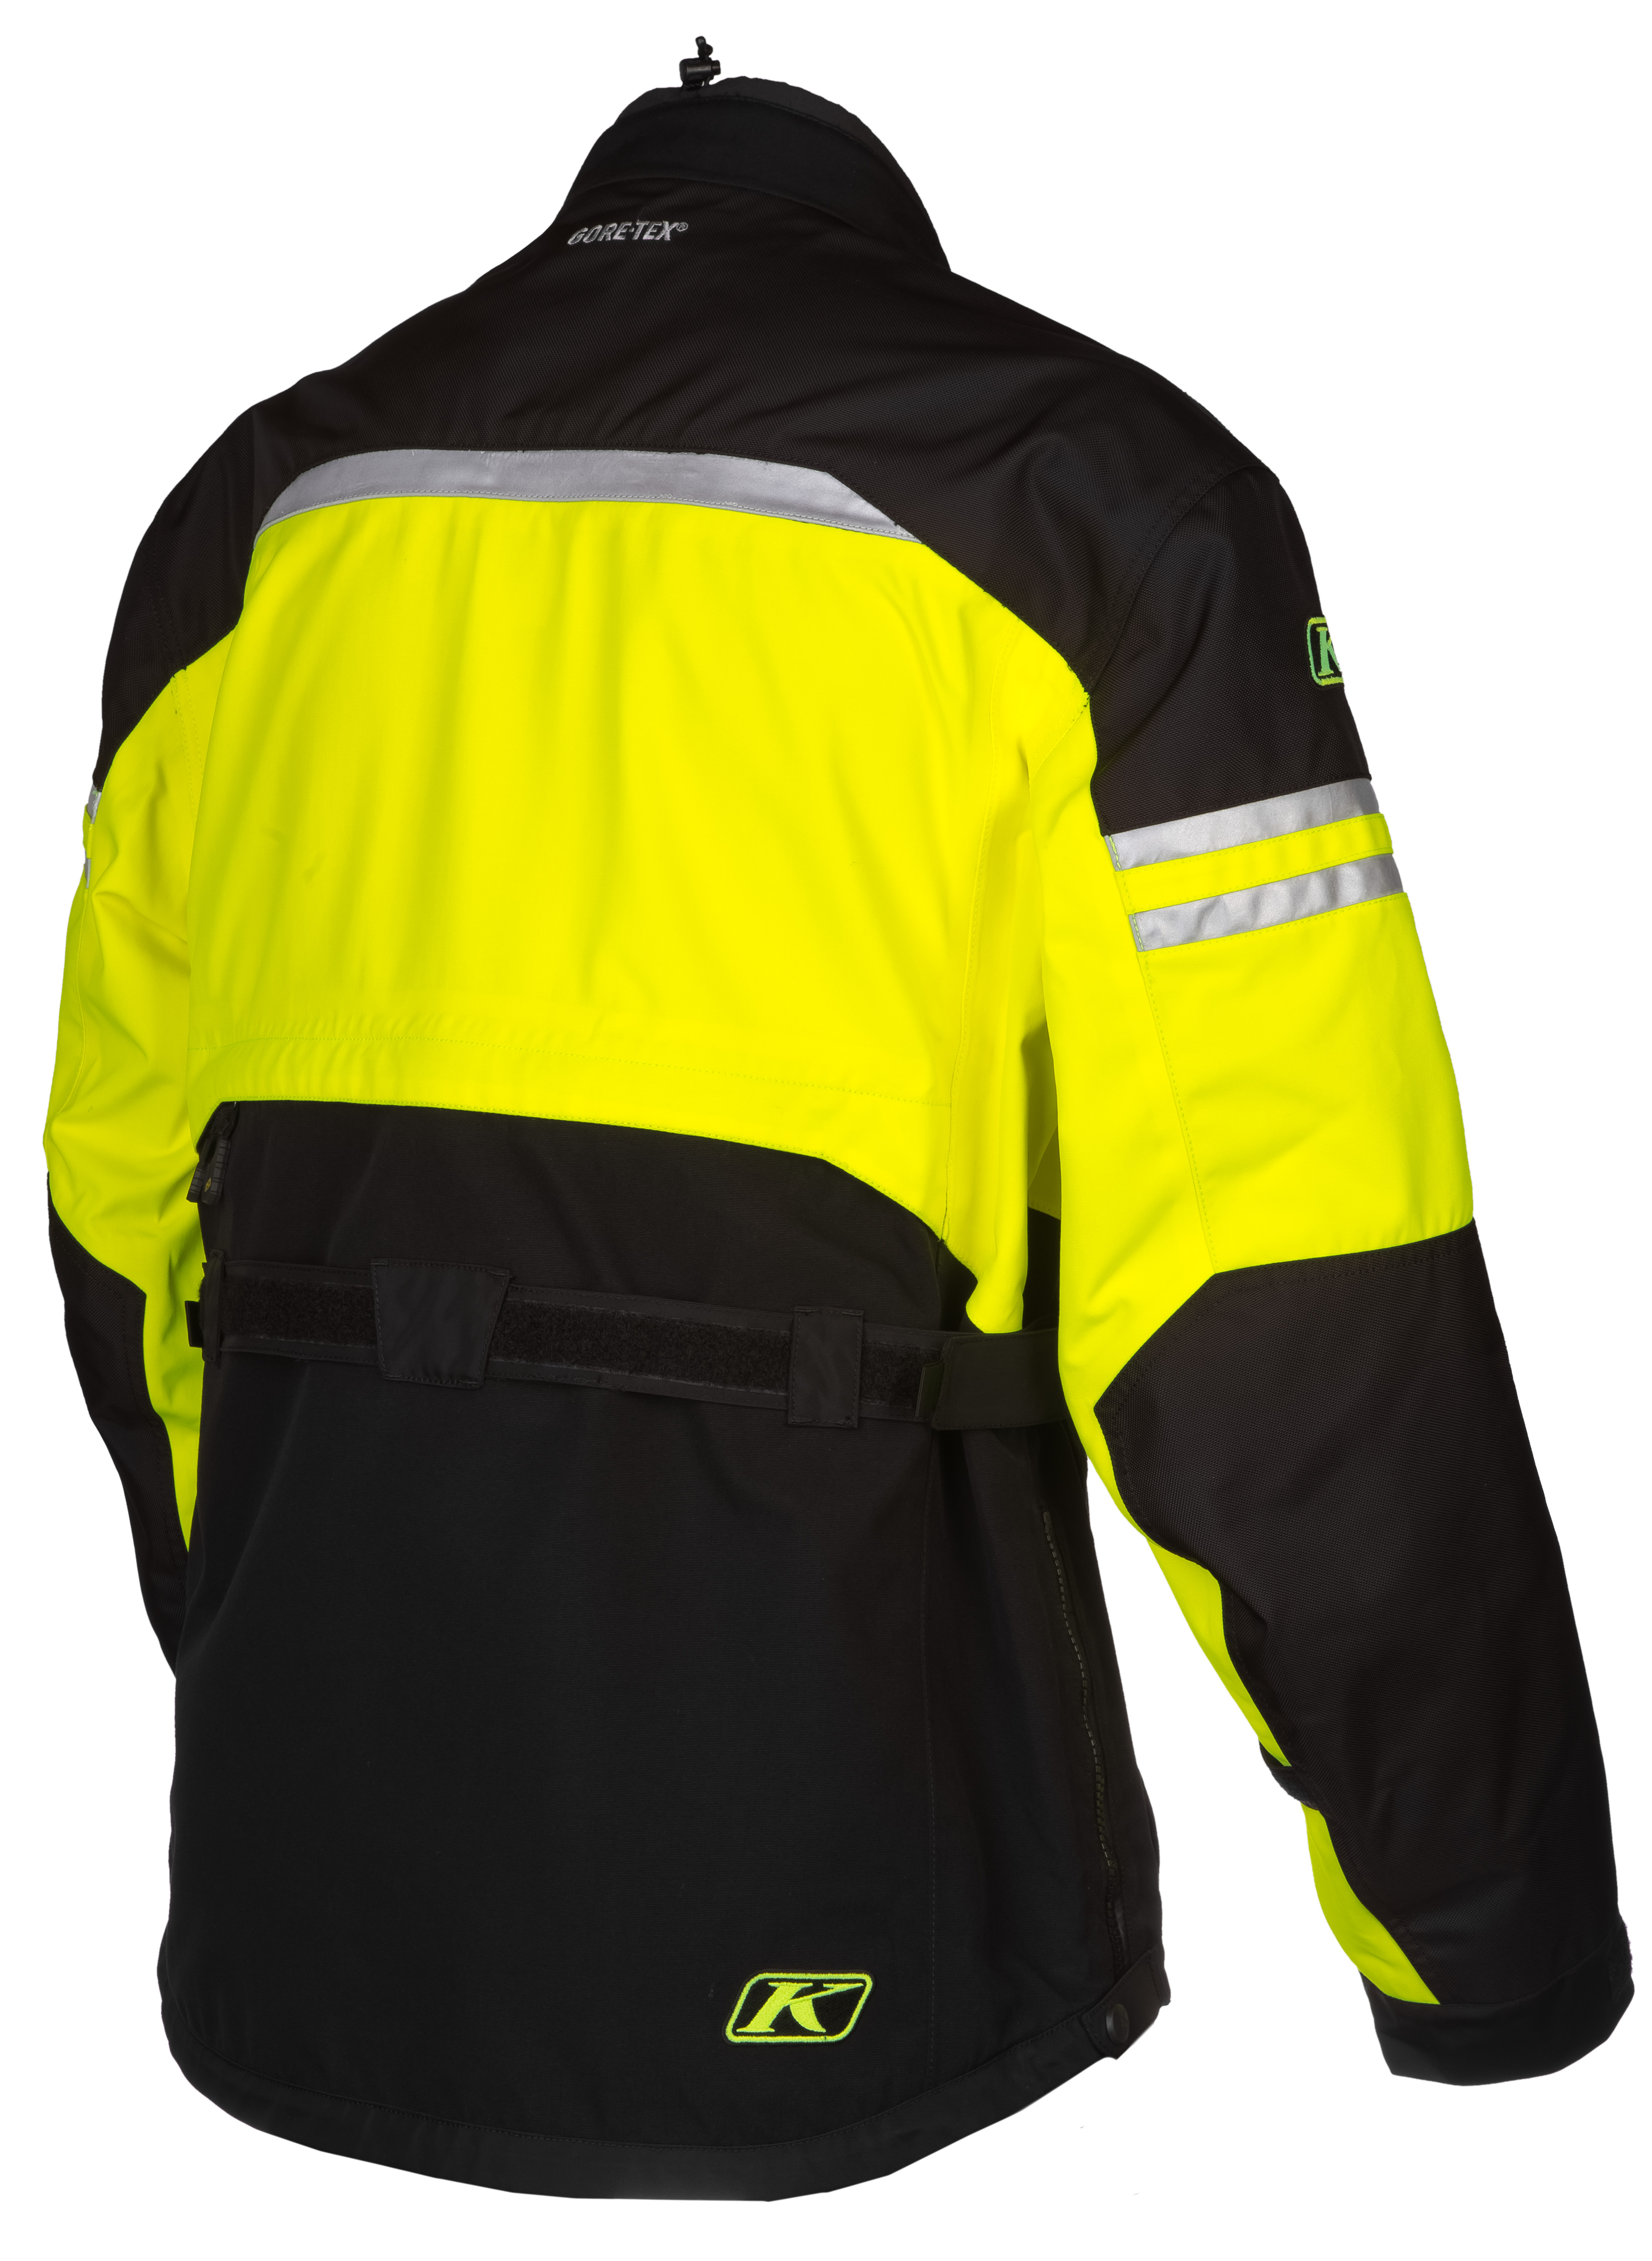 Latitude Jacket 5146-002-500-B